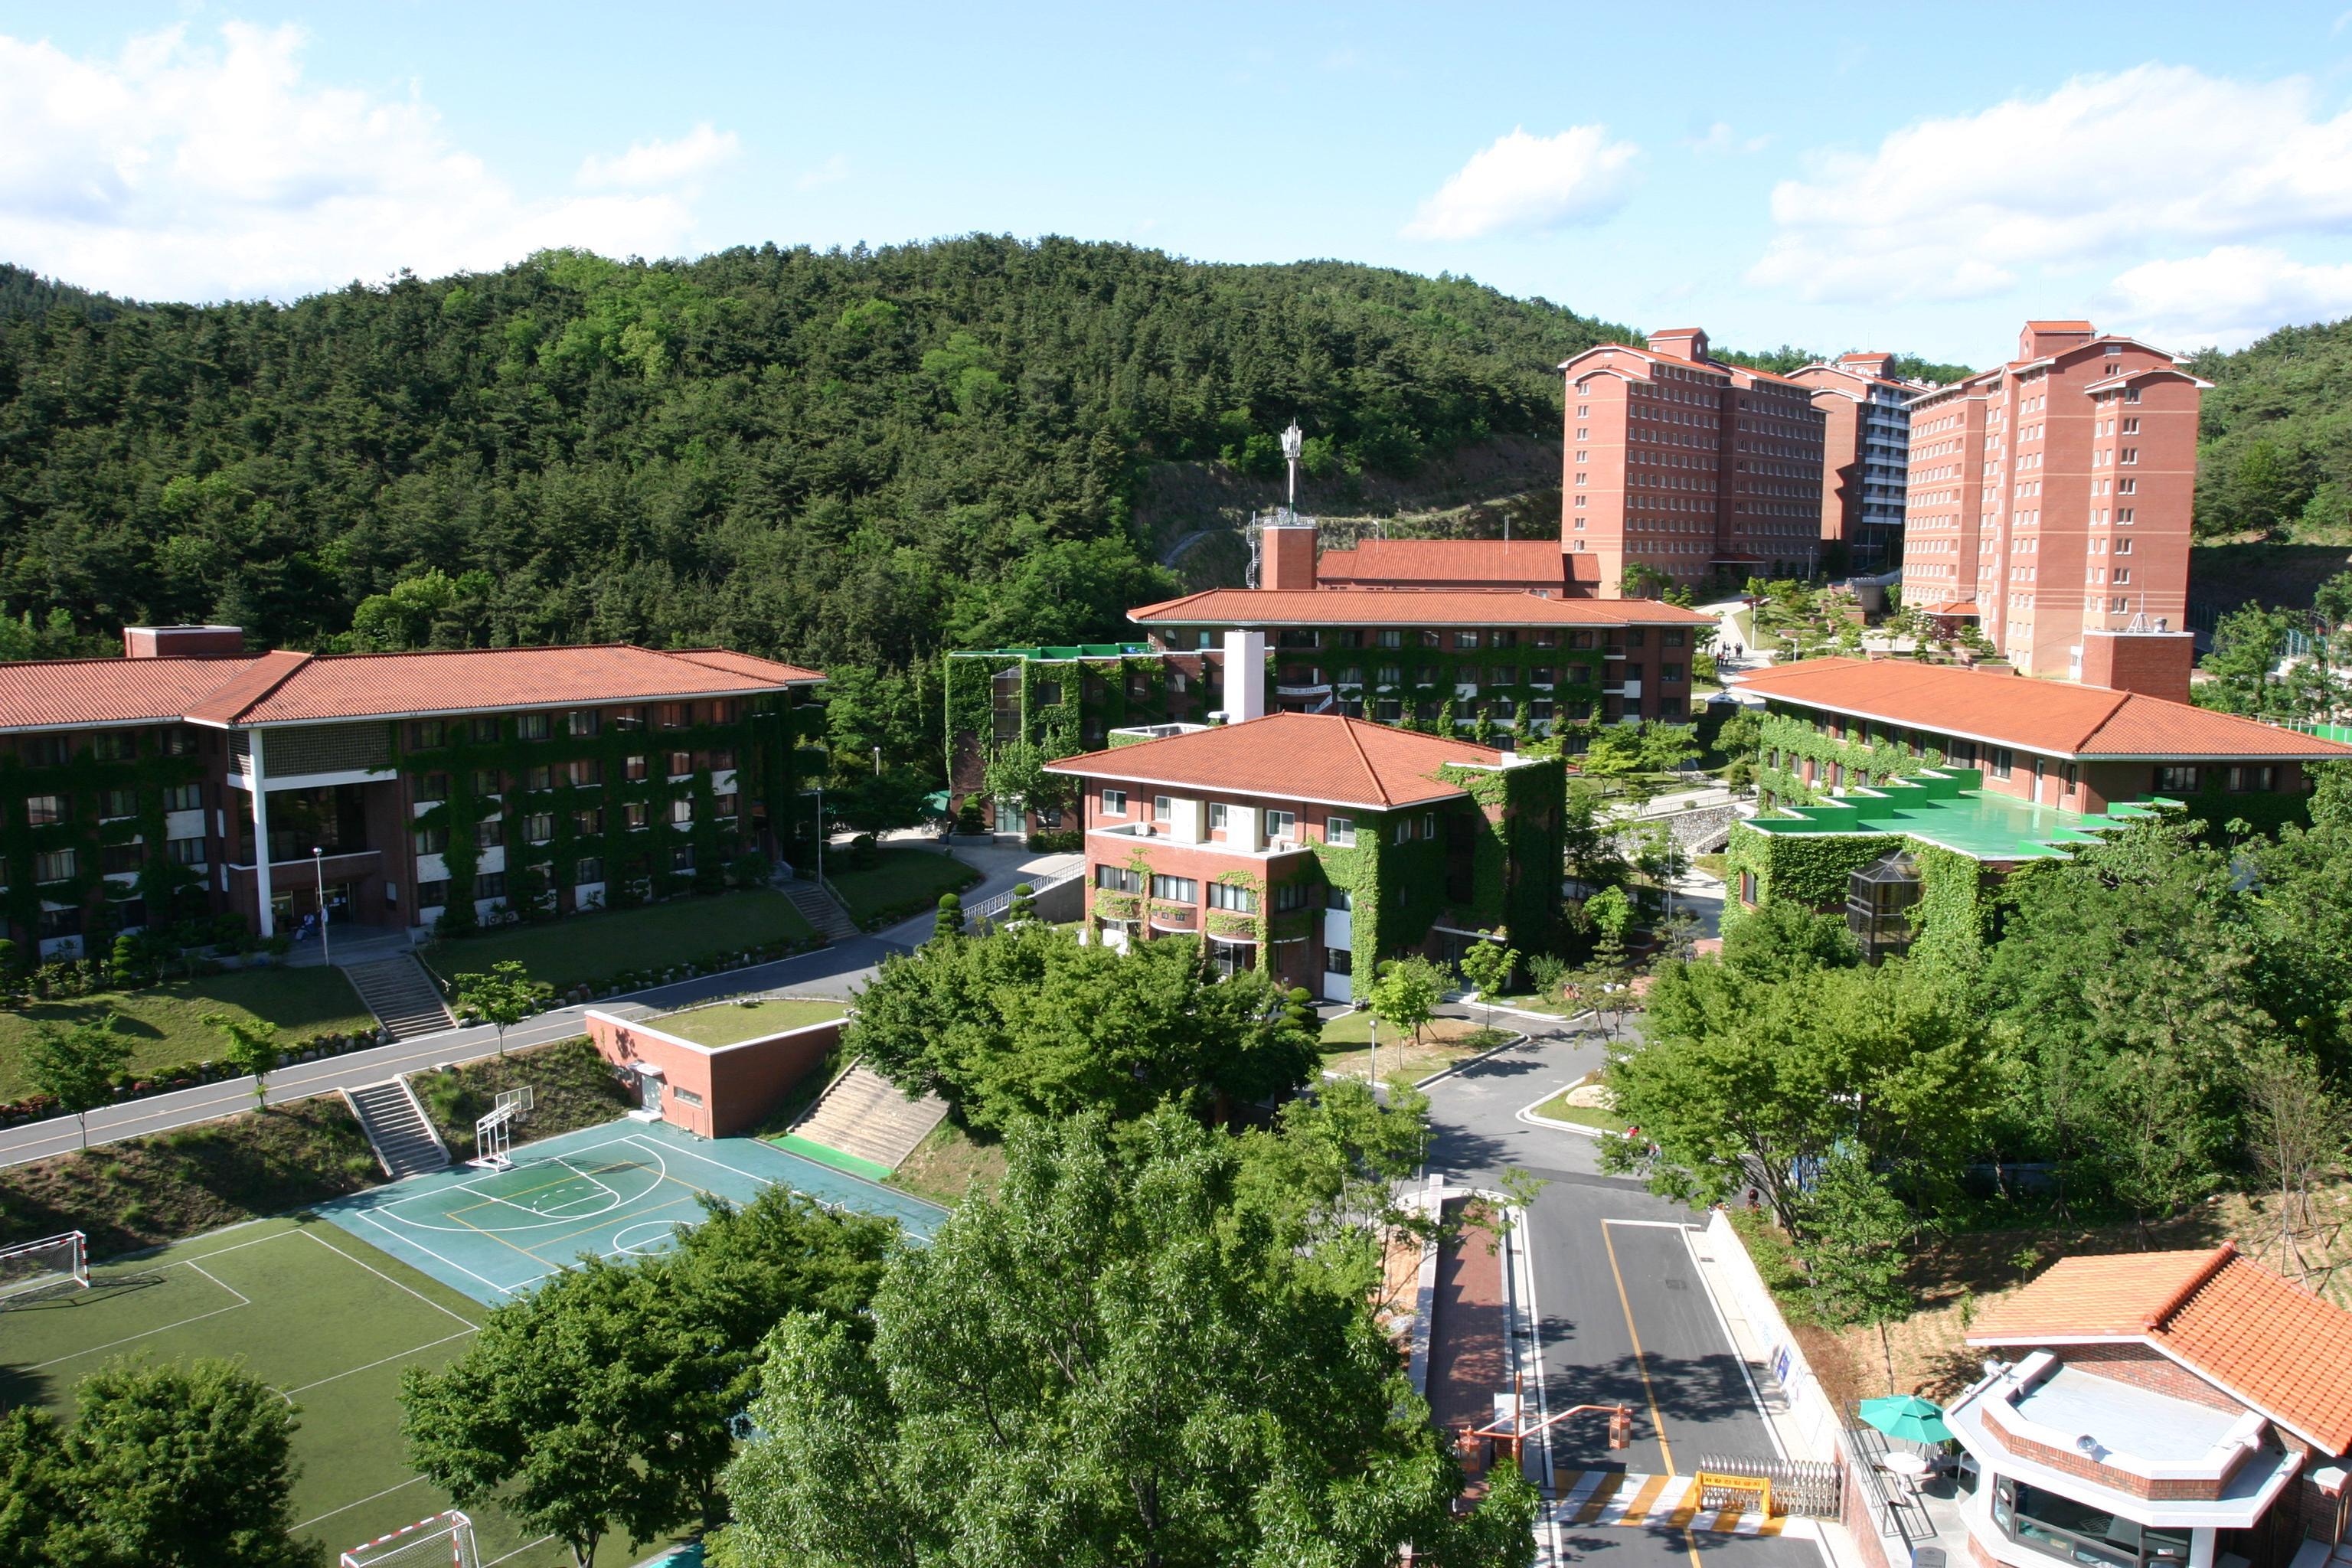 Ký túc của Trường Đại học Keimyung